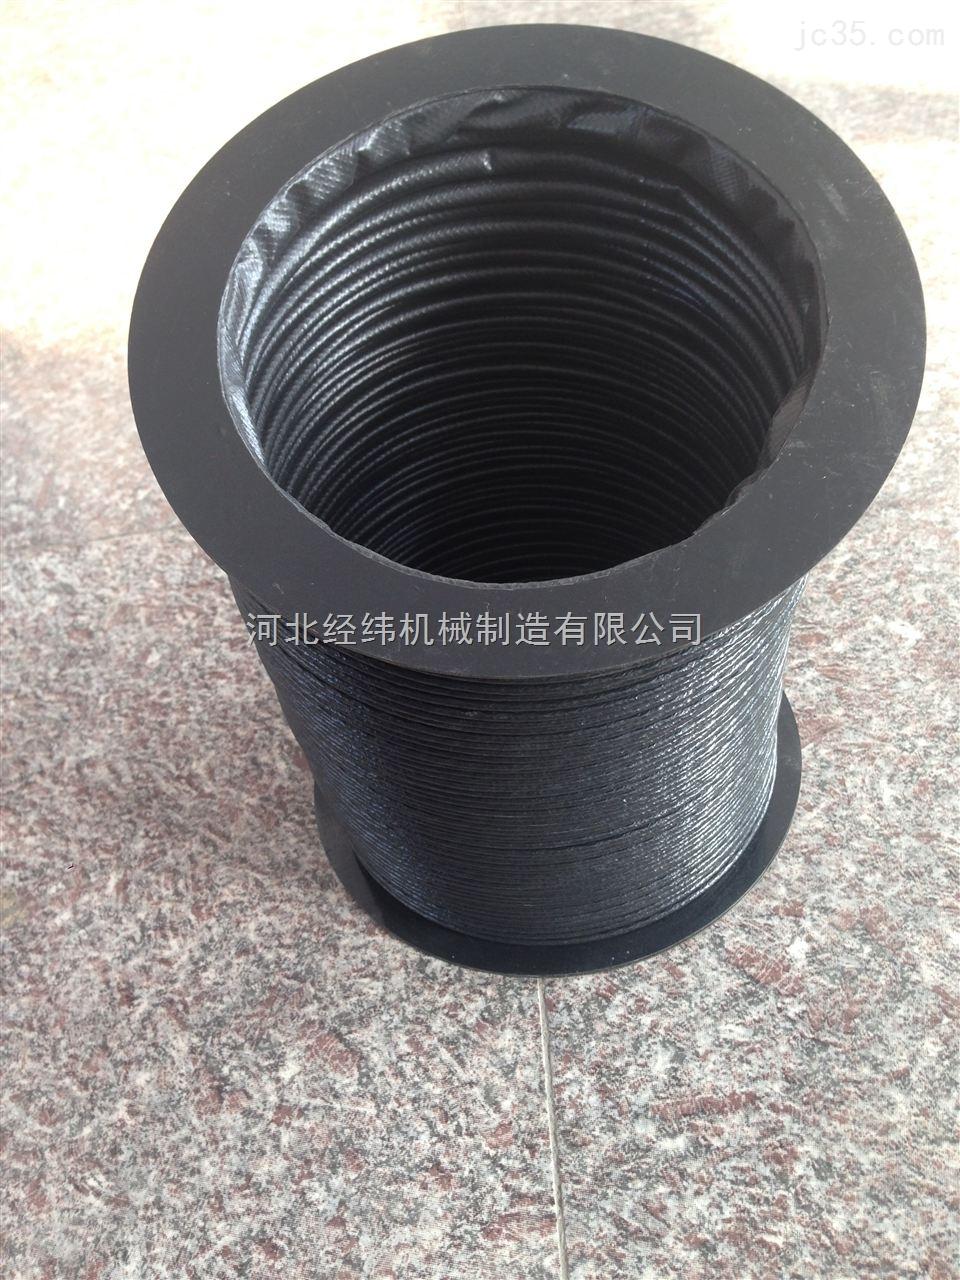 耐酸碱,耐摩擦,耐伸缩丝杠防护罩